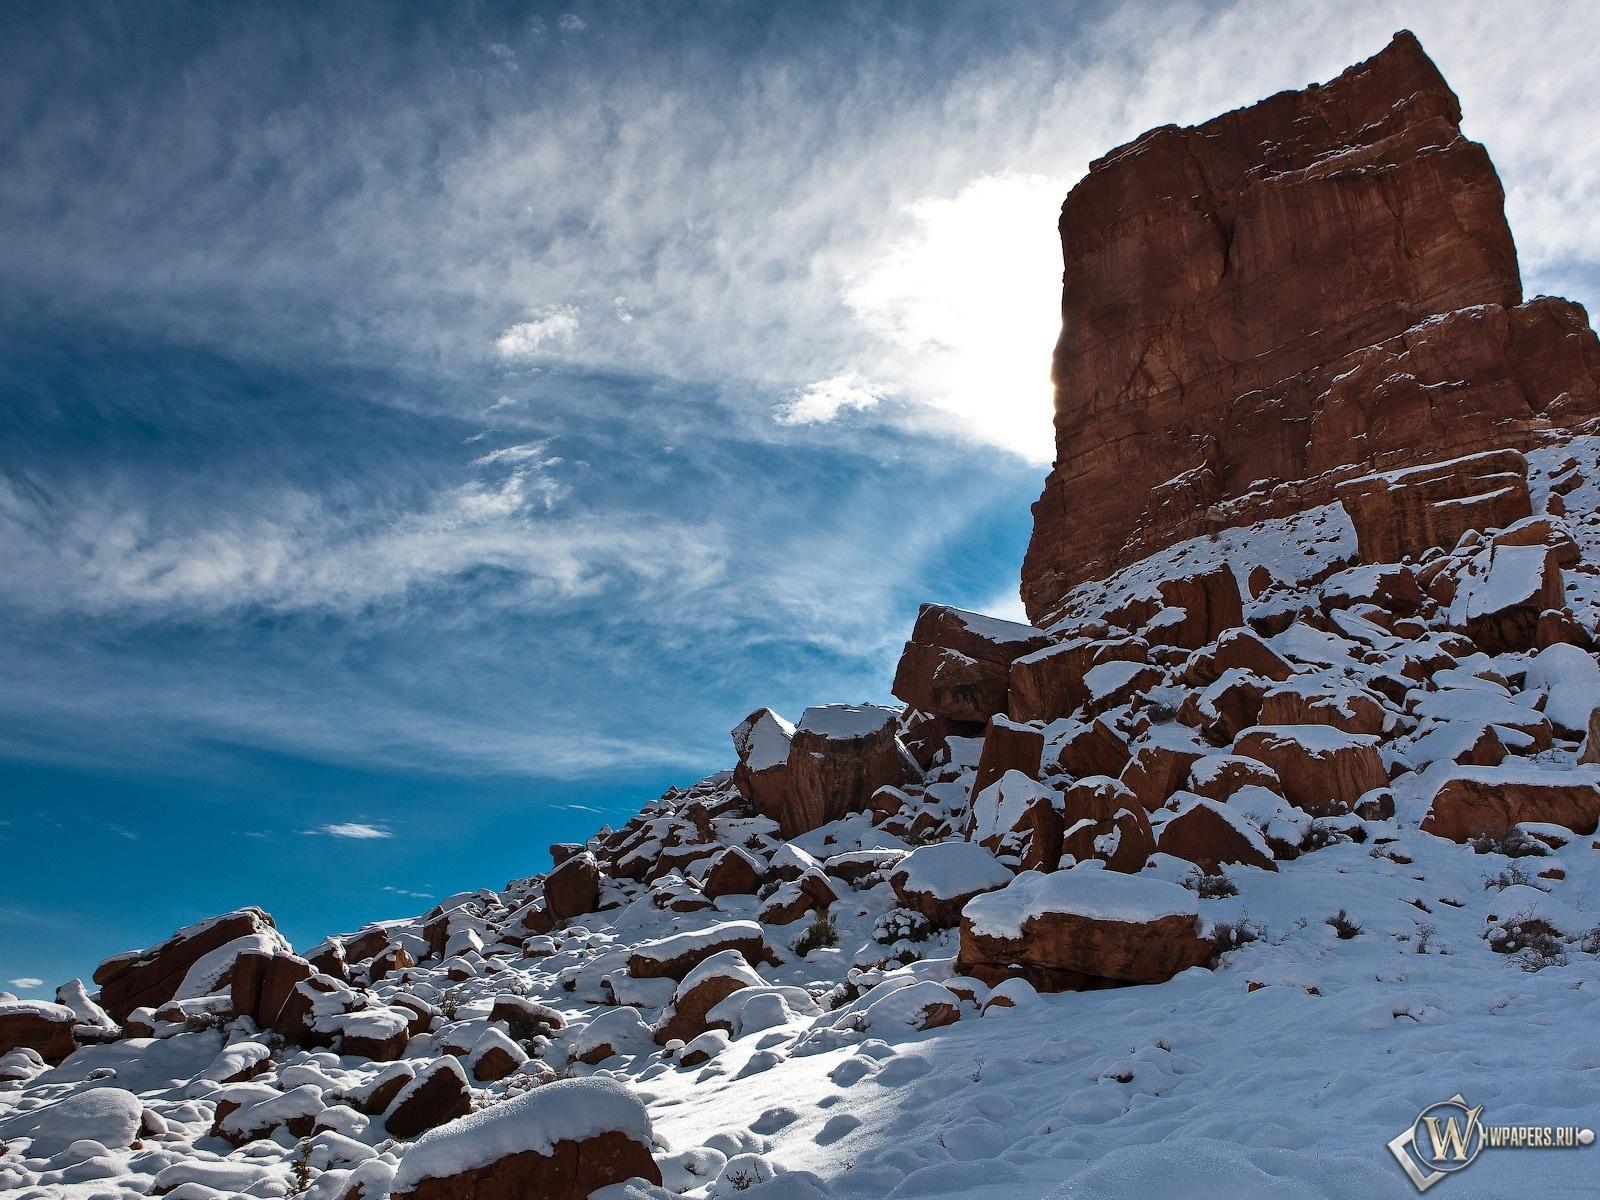 Скала на фоне перистых облаков 1600x1200